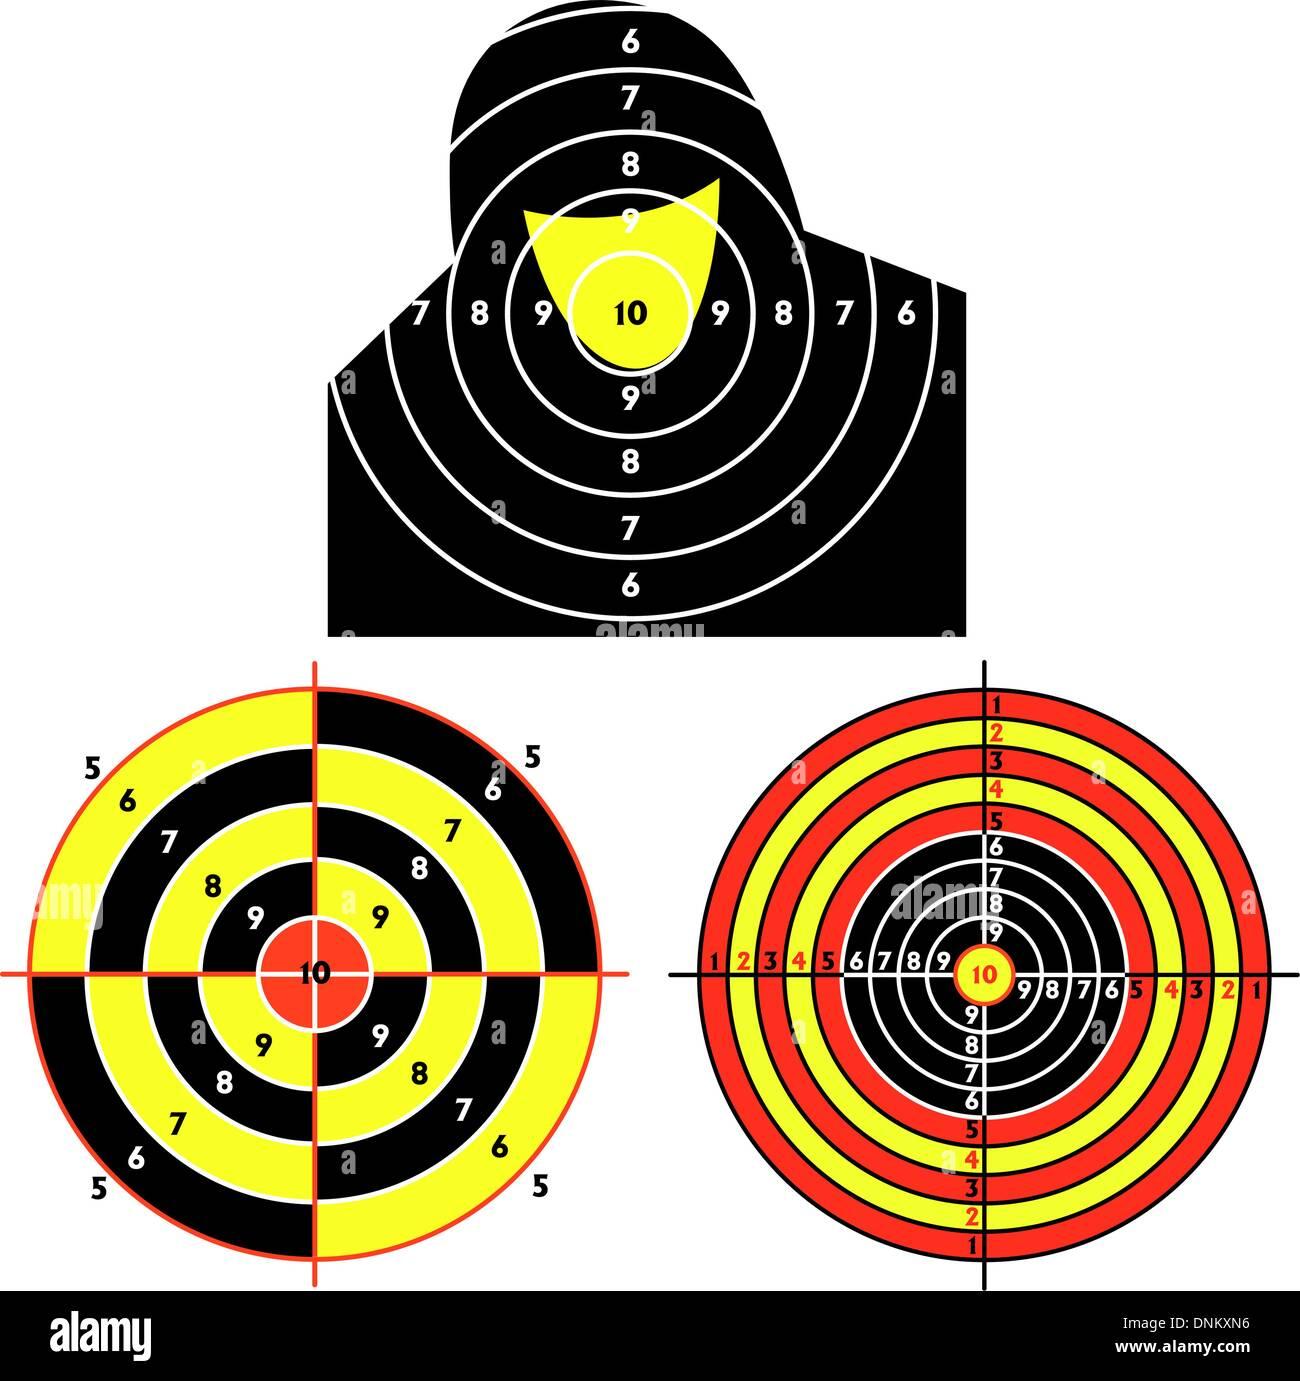 Établir des cibles pour le tir au pistolet pratique, l'exercice. Vector illustration Photo Stock